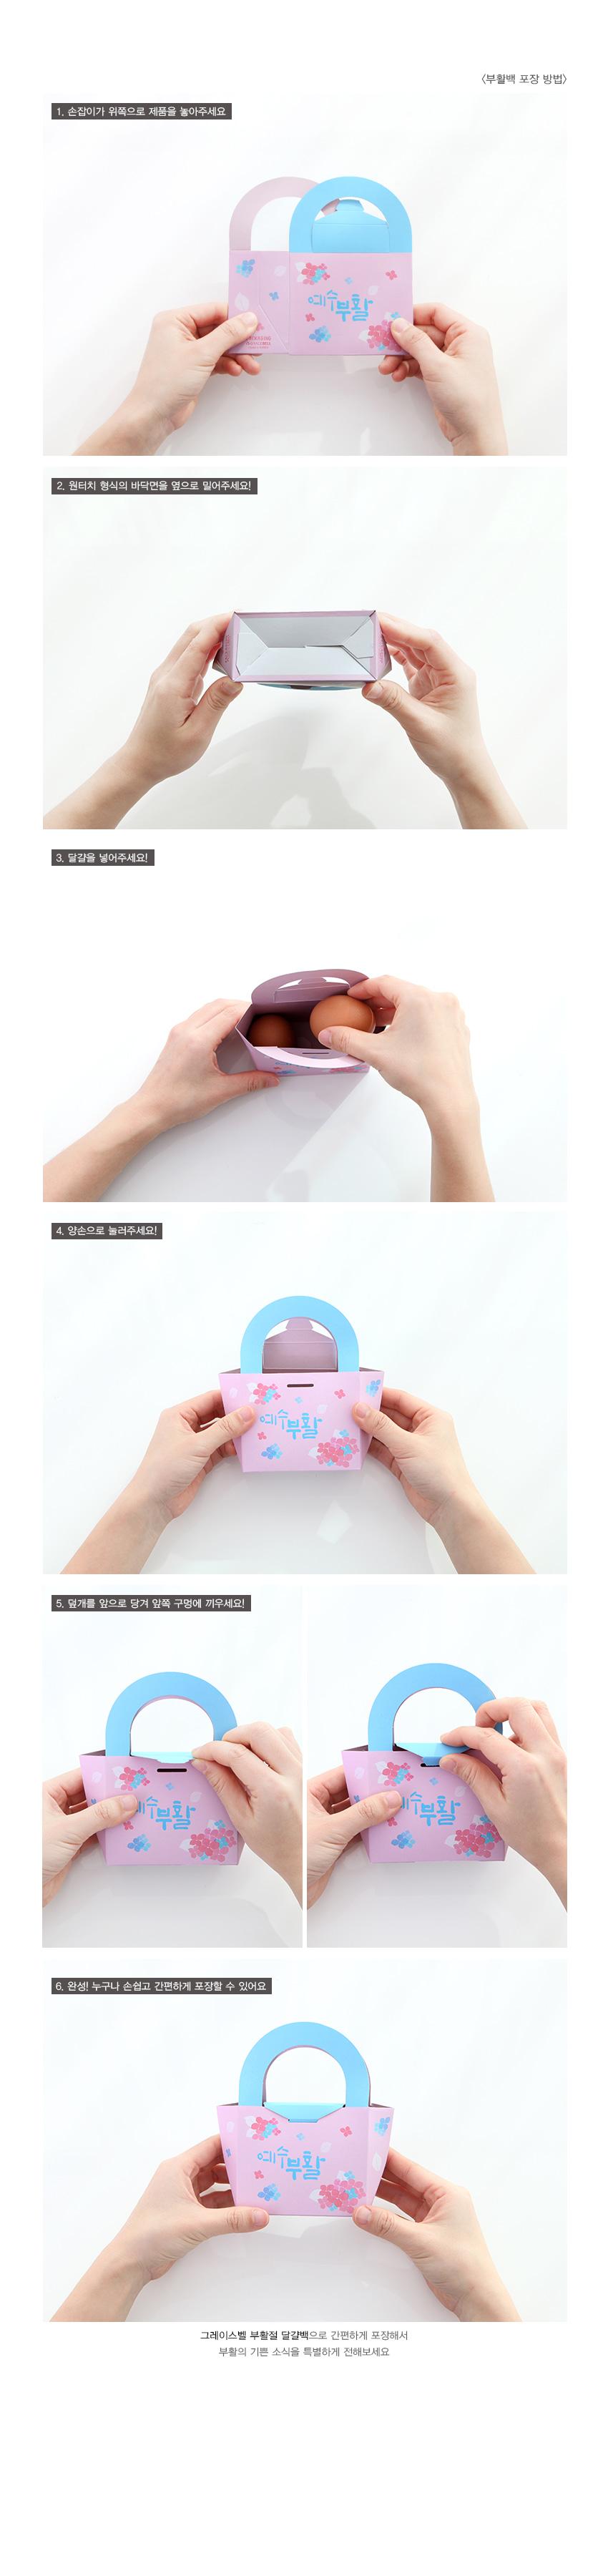 부활절 달걀백(10매)_러블리핑크325 - 그레이스벨, 3,000원, 상자/케이스, 일러스트